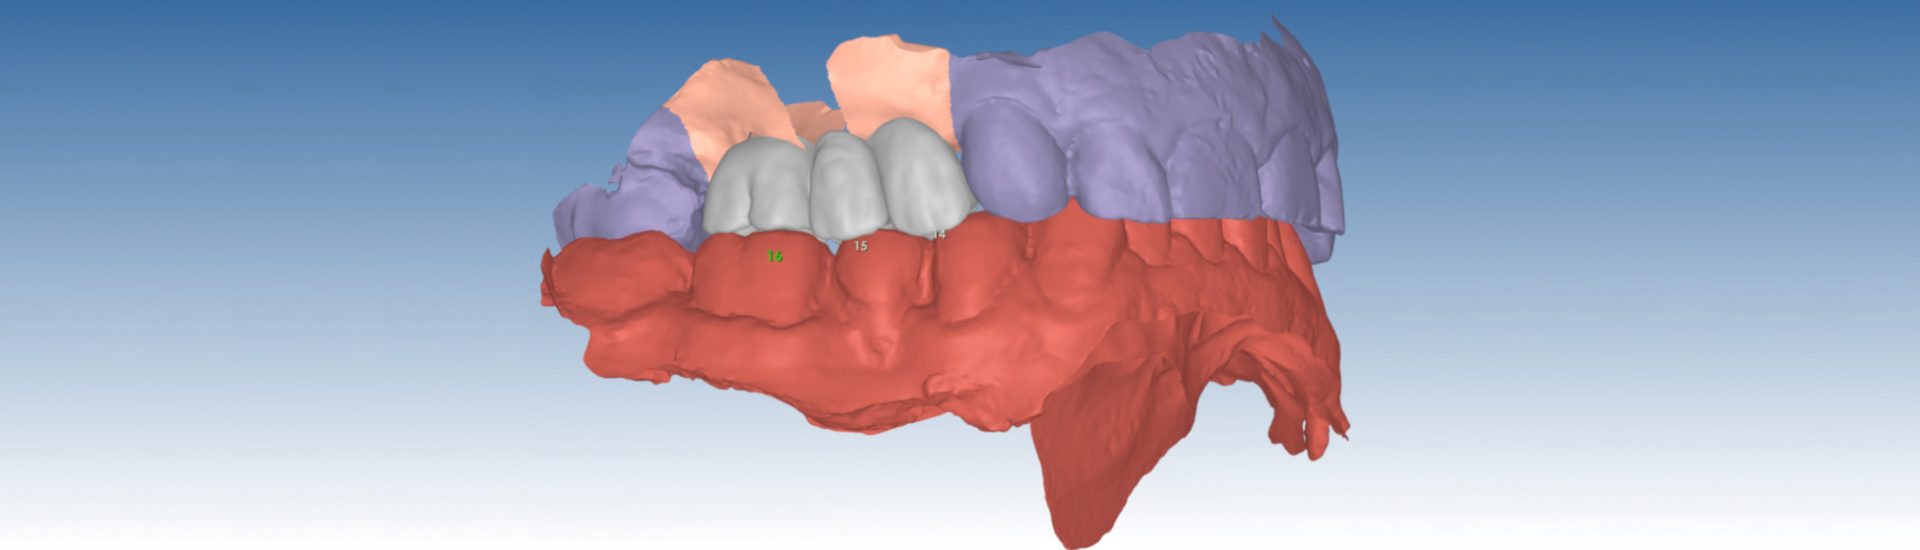 realizzazioni-digitali-laboratorio-odontotecnico-santini